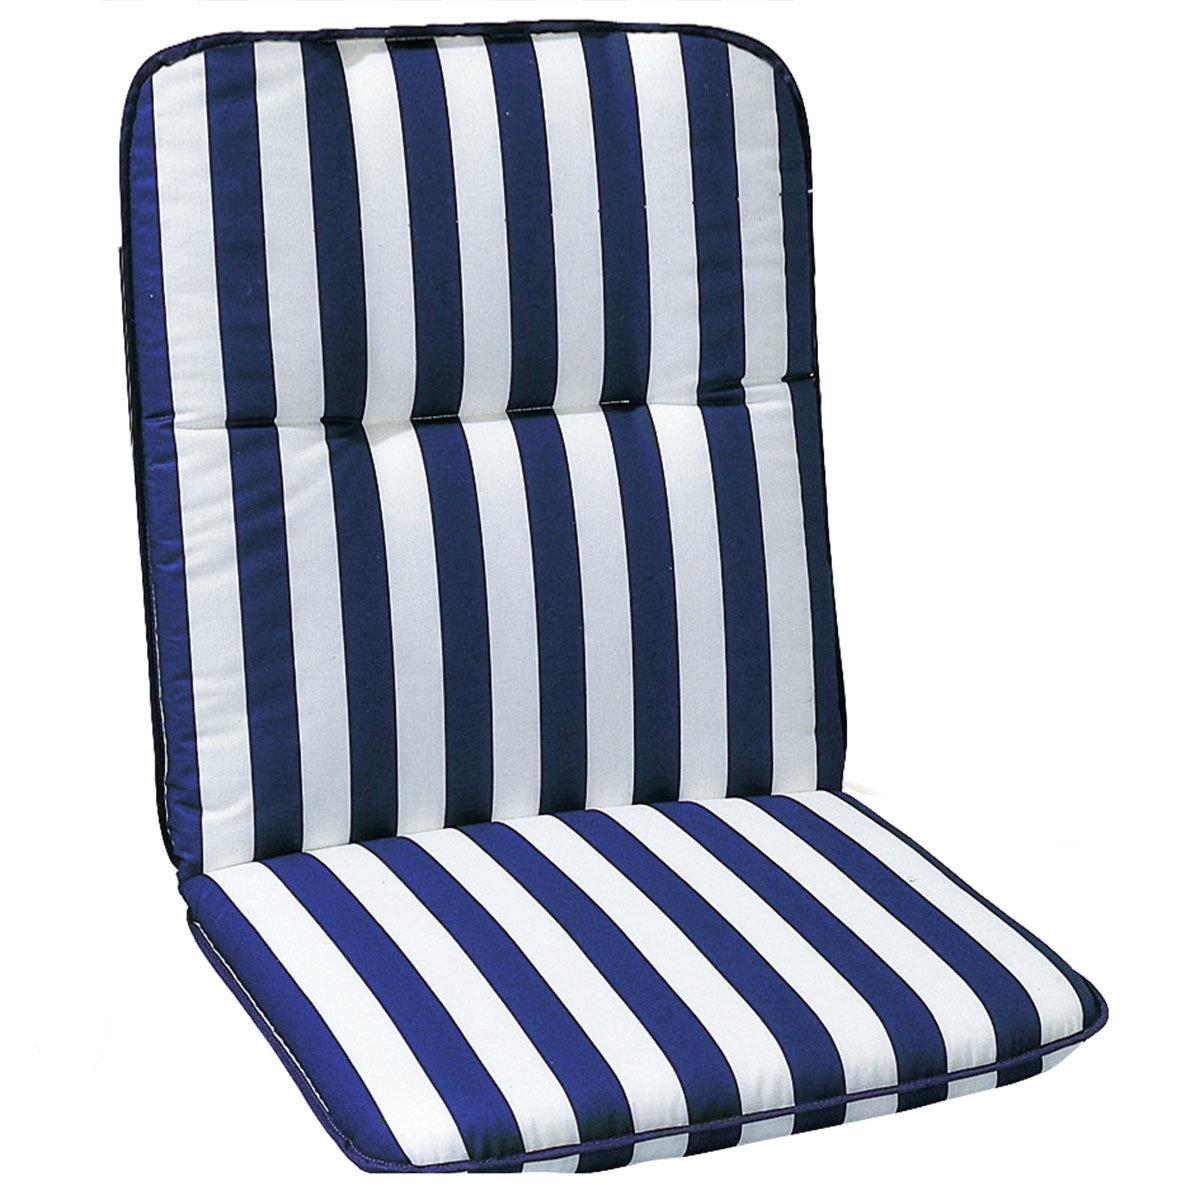 Niedriglehner Auflage Porto, gestreift, 100x50x6 cm, blau weiss